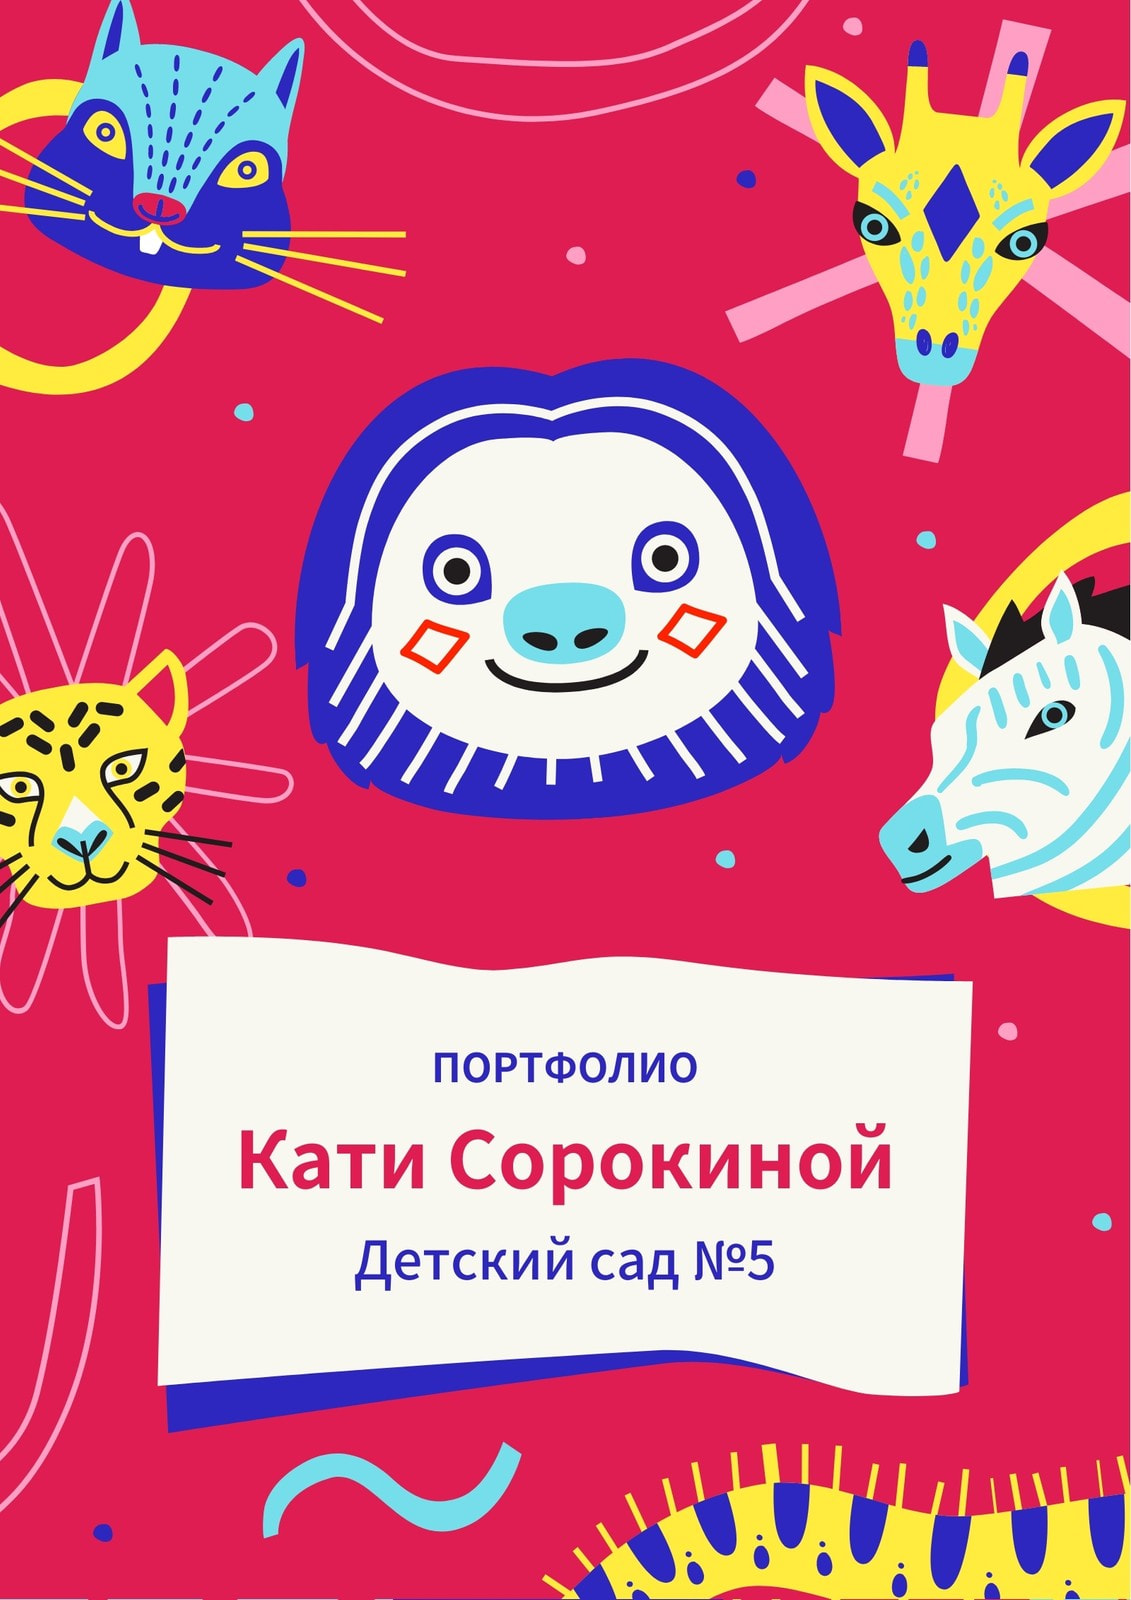 Красное, синее и желтое портфолио дошкольника с рисунками домашних животных